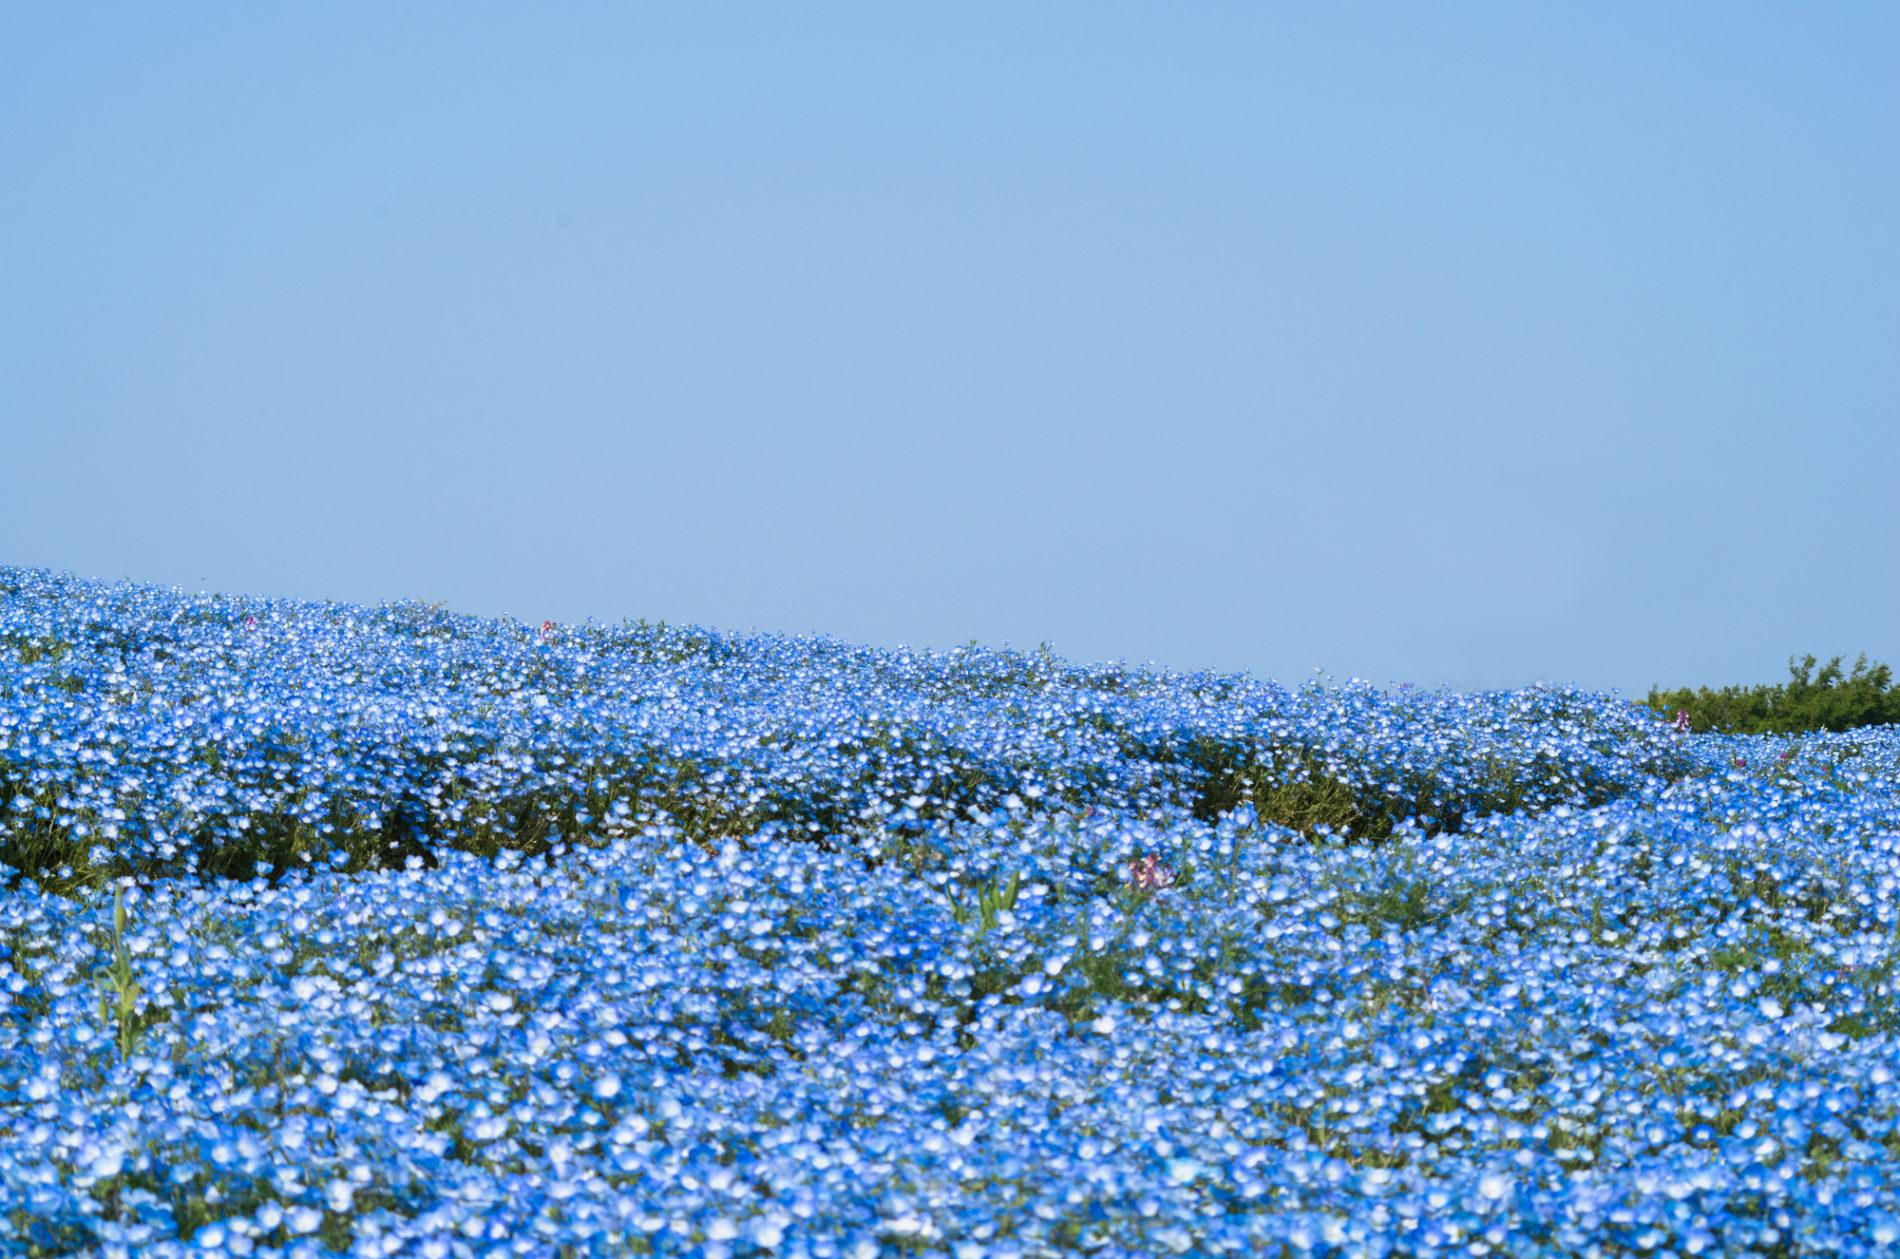 ネモフィラの丘と空 青の写真